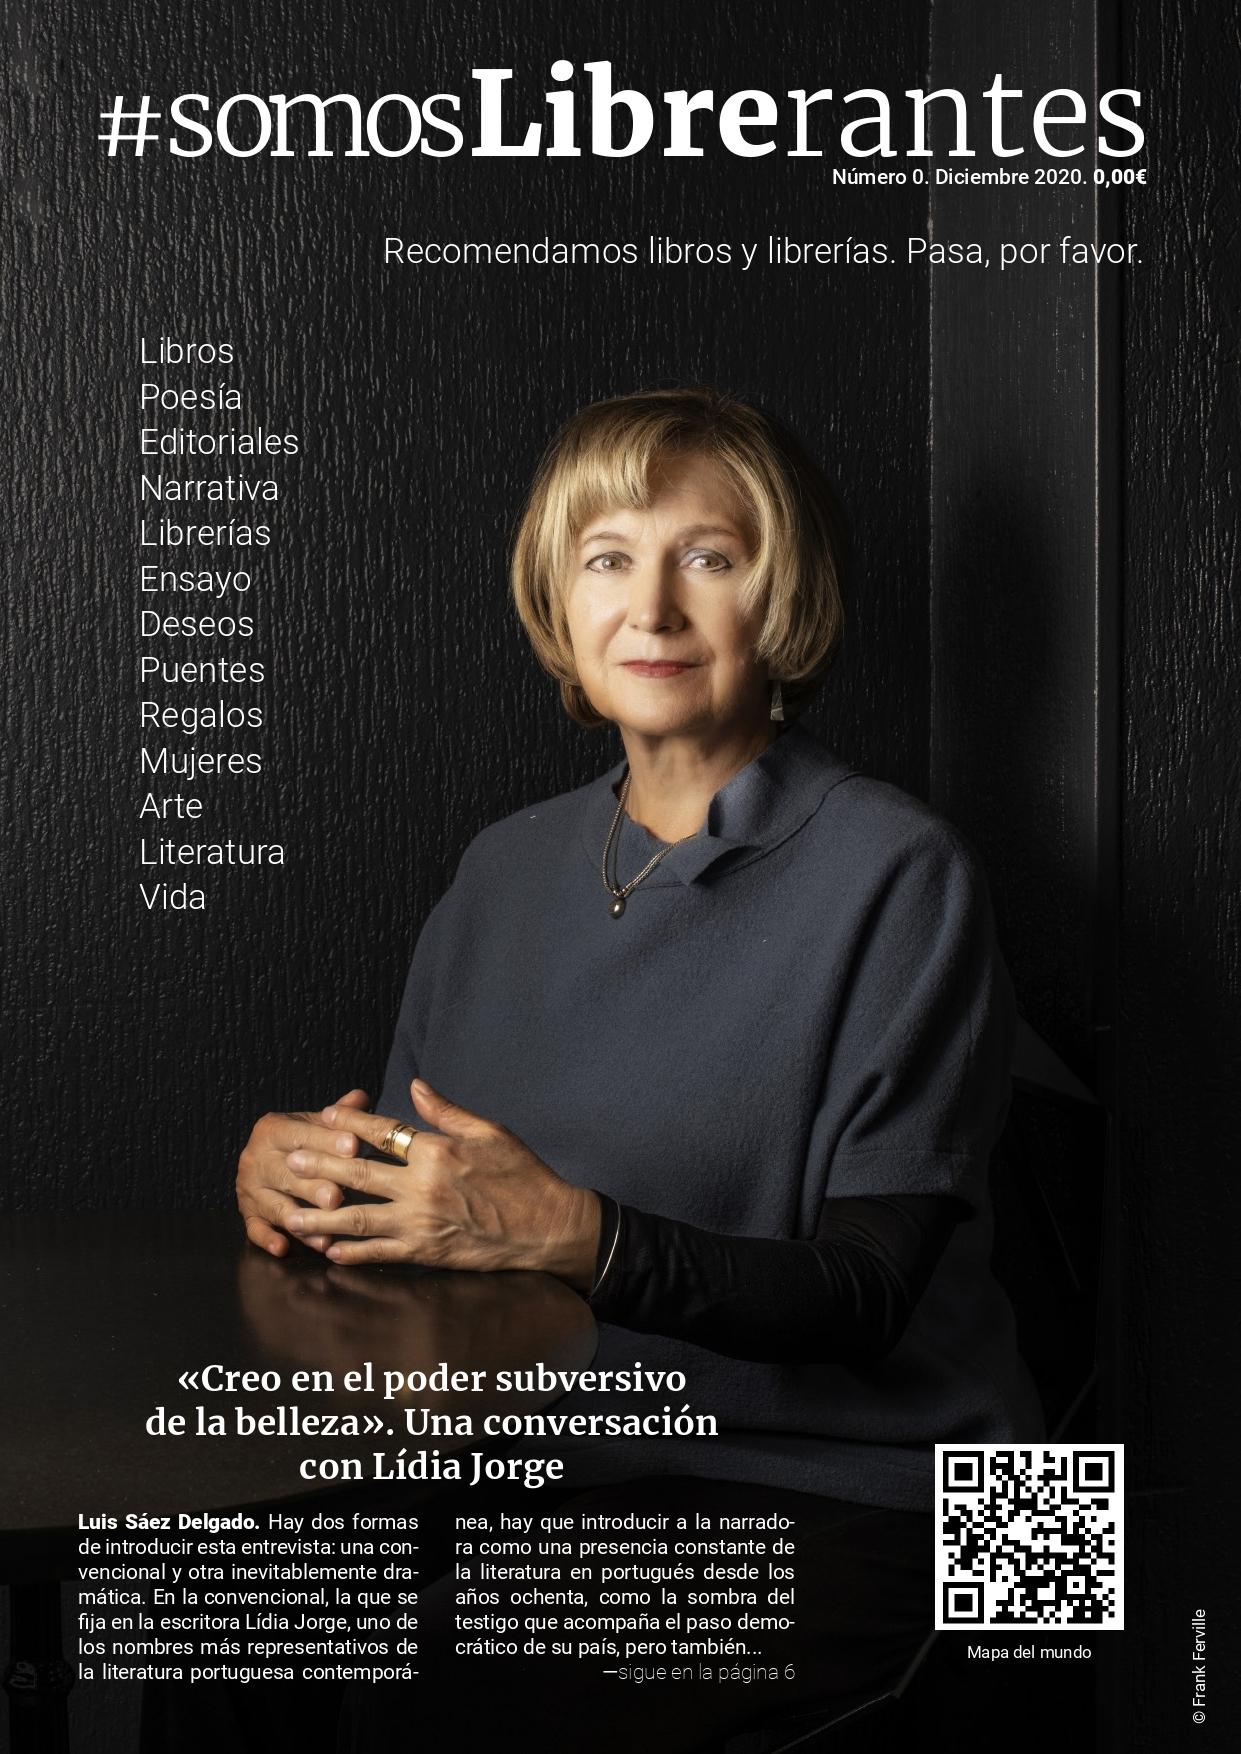 #somoslibrerantes